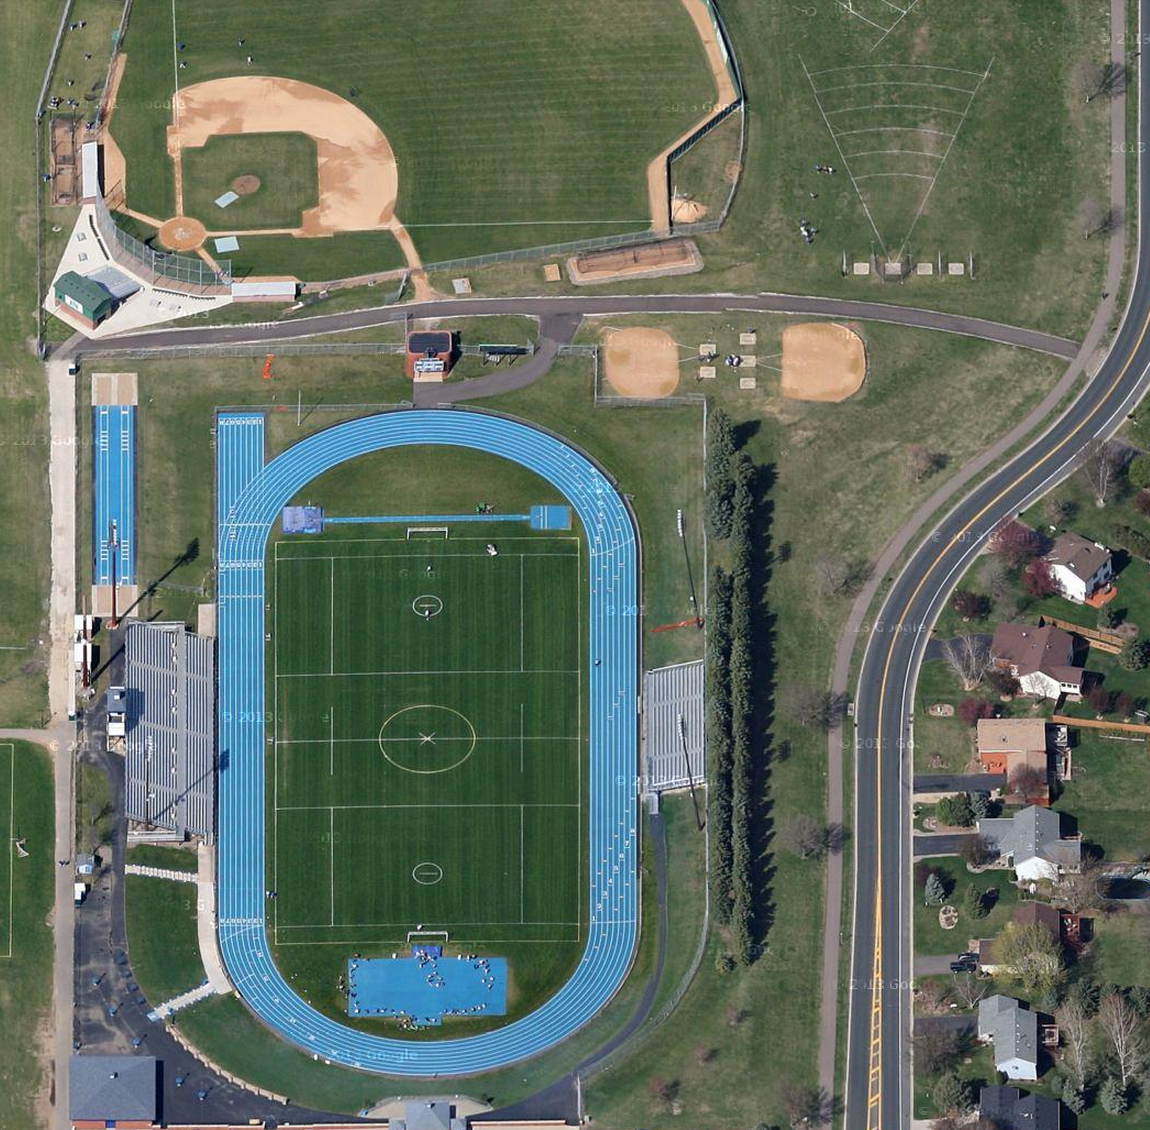 Eagan High School Track – Eagan, MN | Daily Track Pic